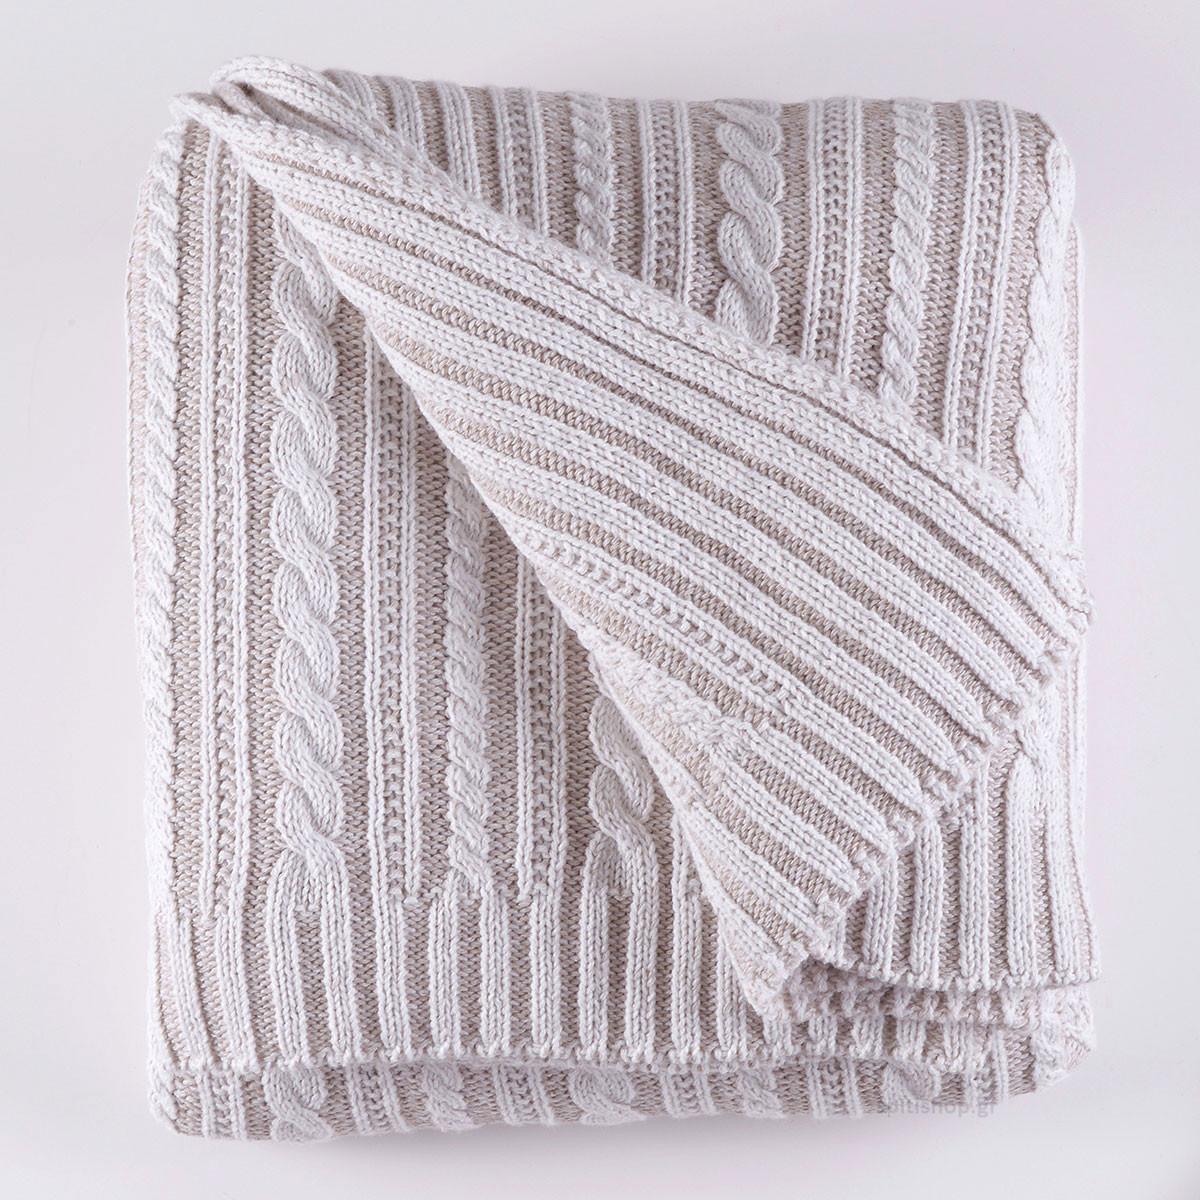 Κουβέρτα Πλεκτή Μονή Rythmos Henna home   κρεβατοκάμαρα   κουβέρτες   κουβέρτες πλεκτές